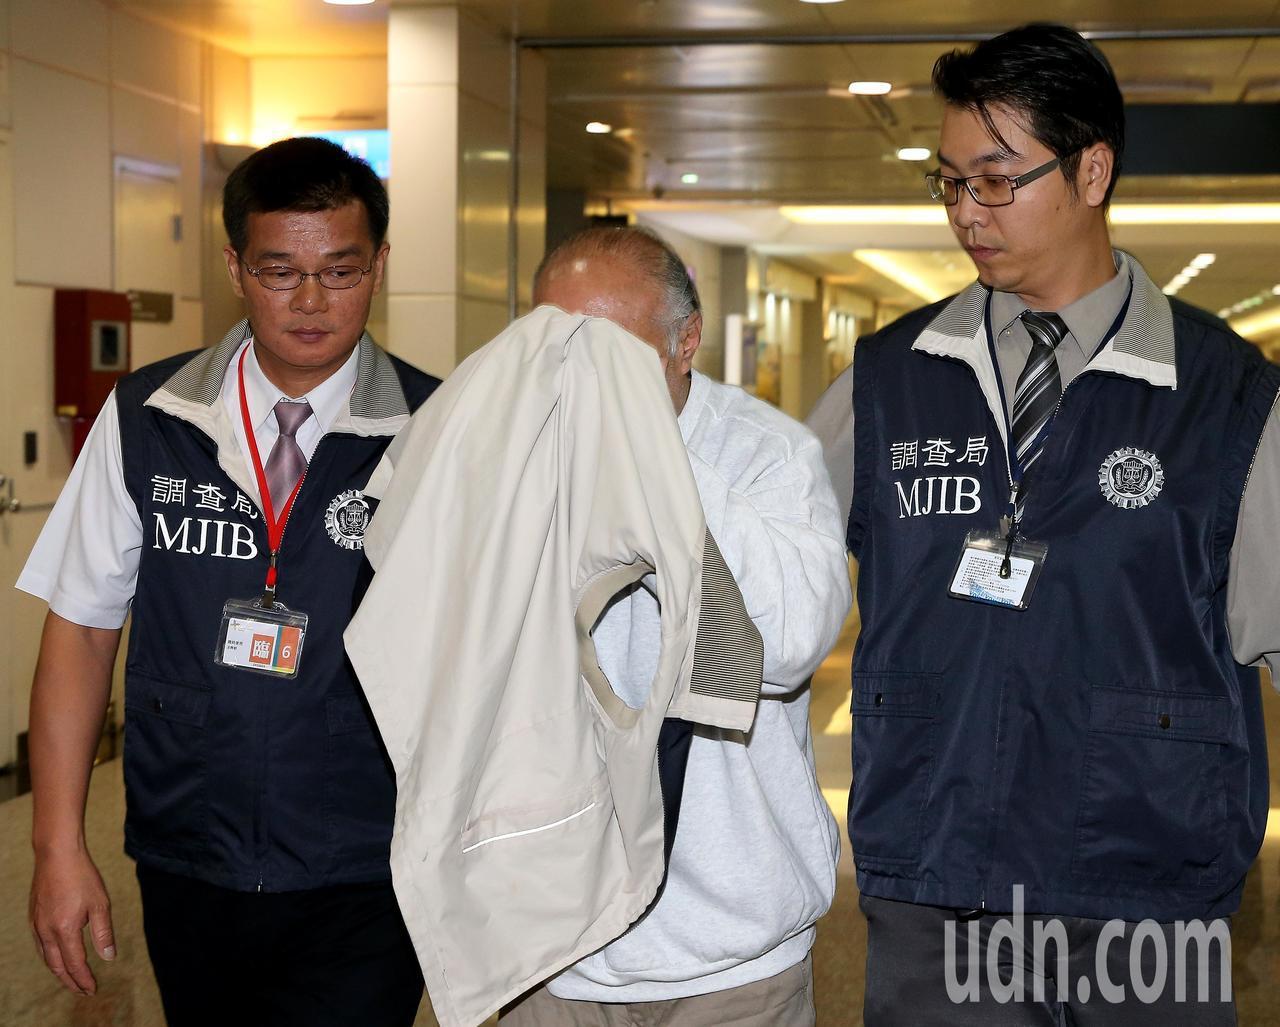 法務部調查局與美國國土安全部移民及海關執法局(ICE)合作,21日晚間從美國押解...